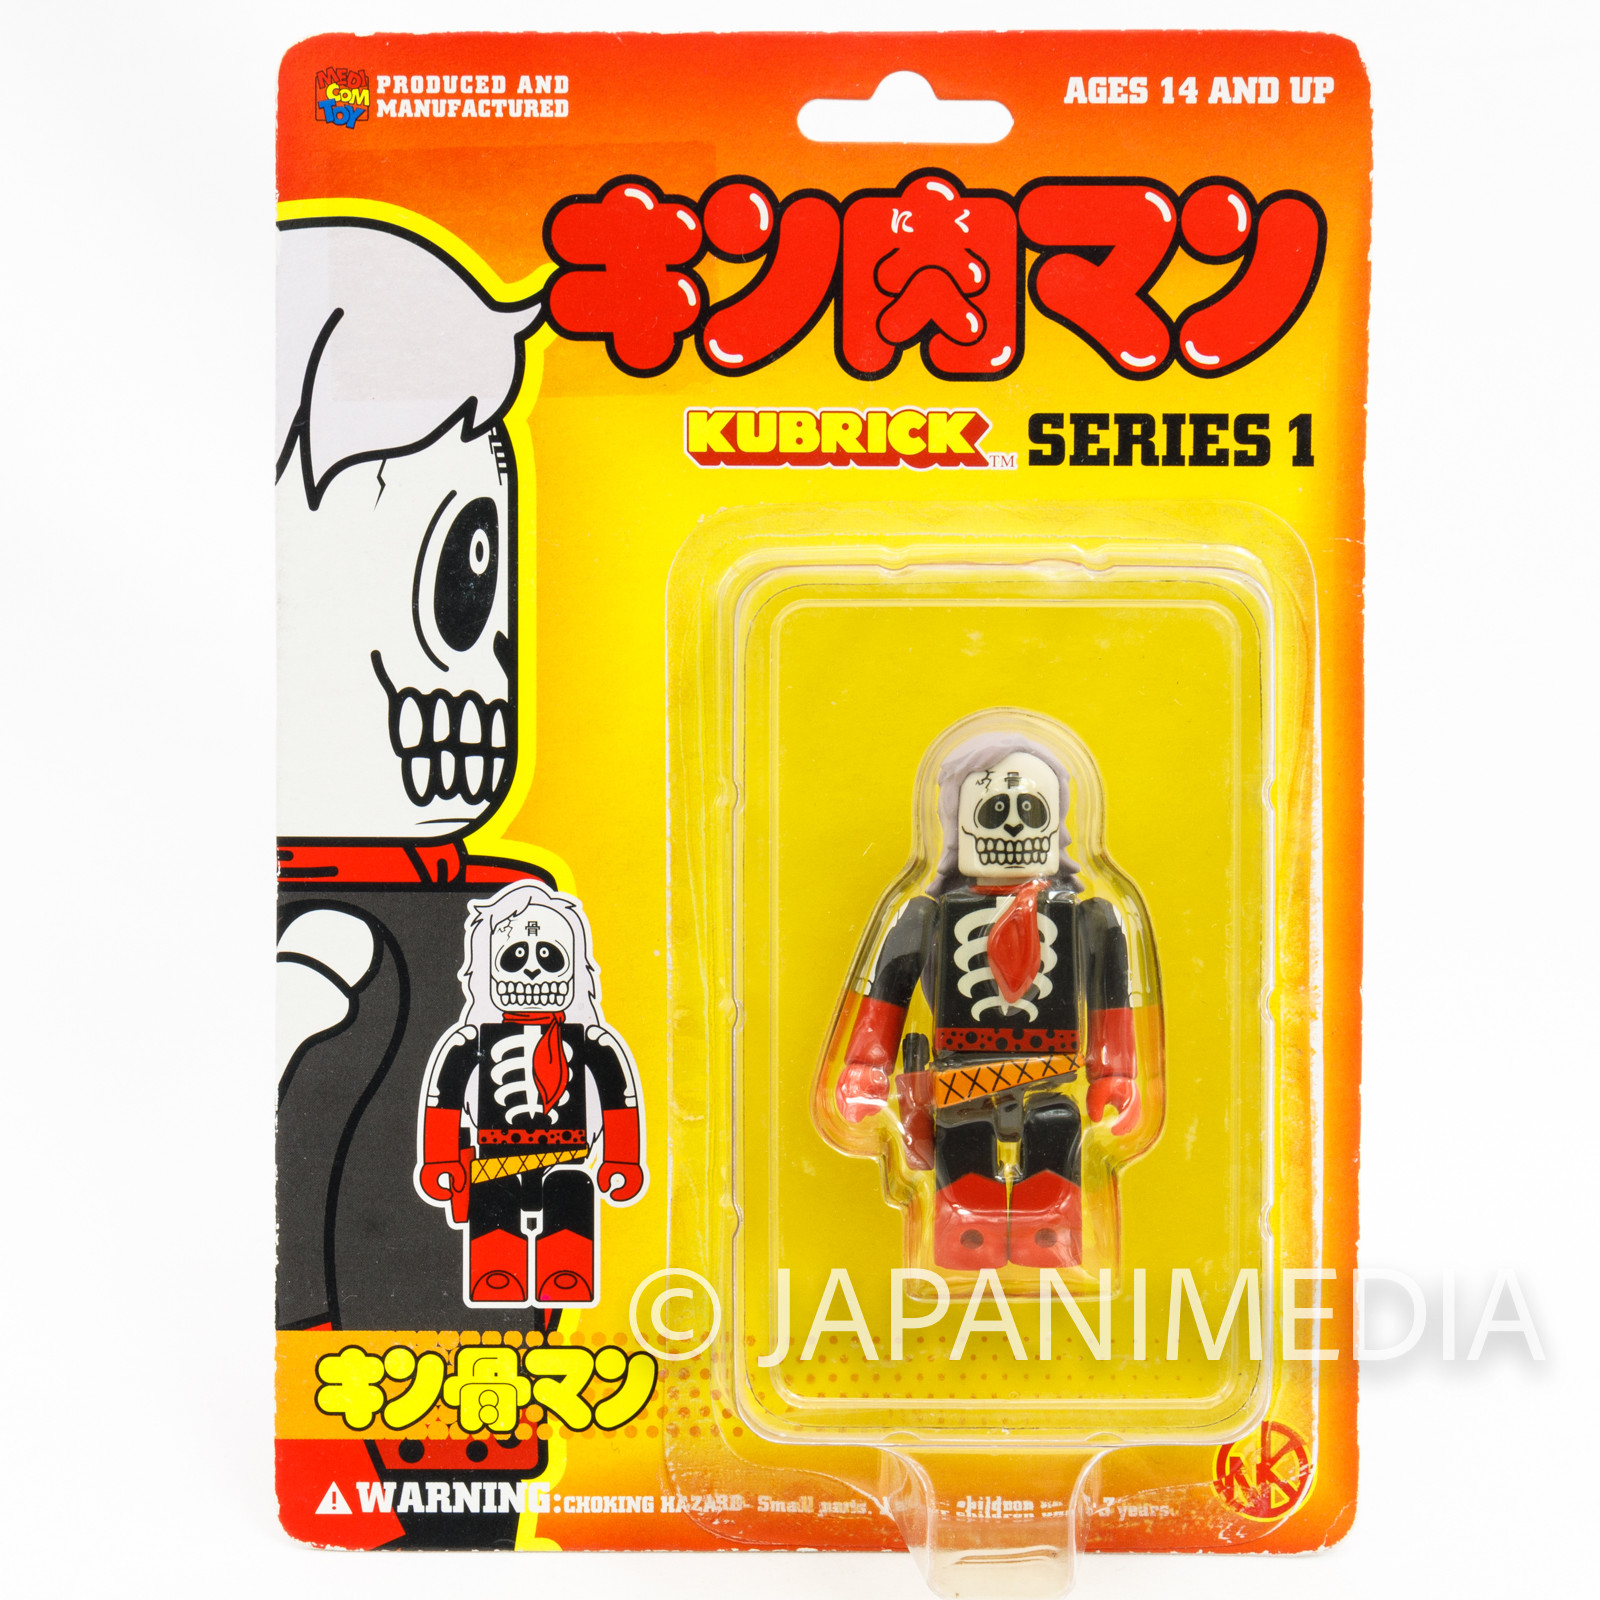 Kinnikuman Kinkotsuman Kubrick Figure Medicom Toy JAPAN ANIME Ultimate Muscle